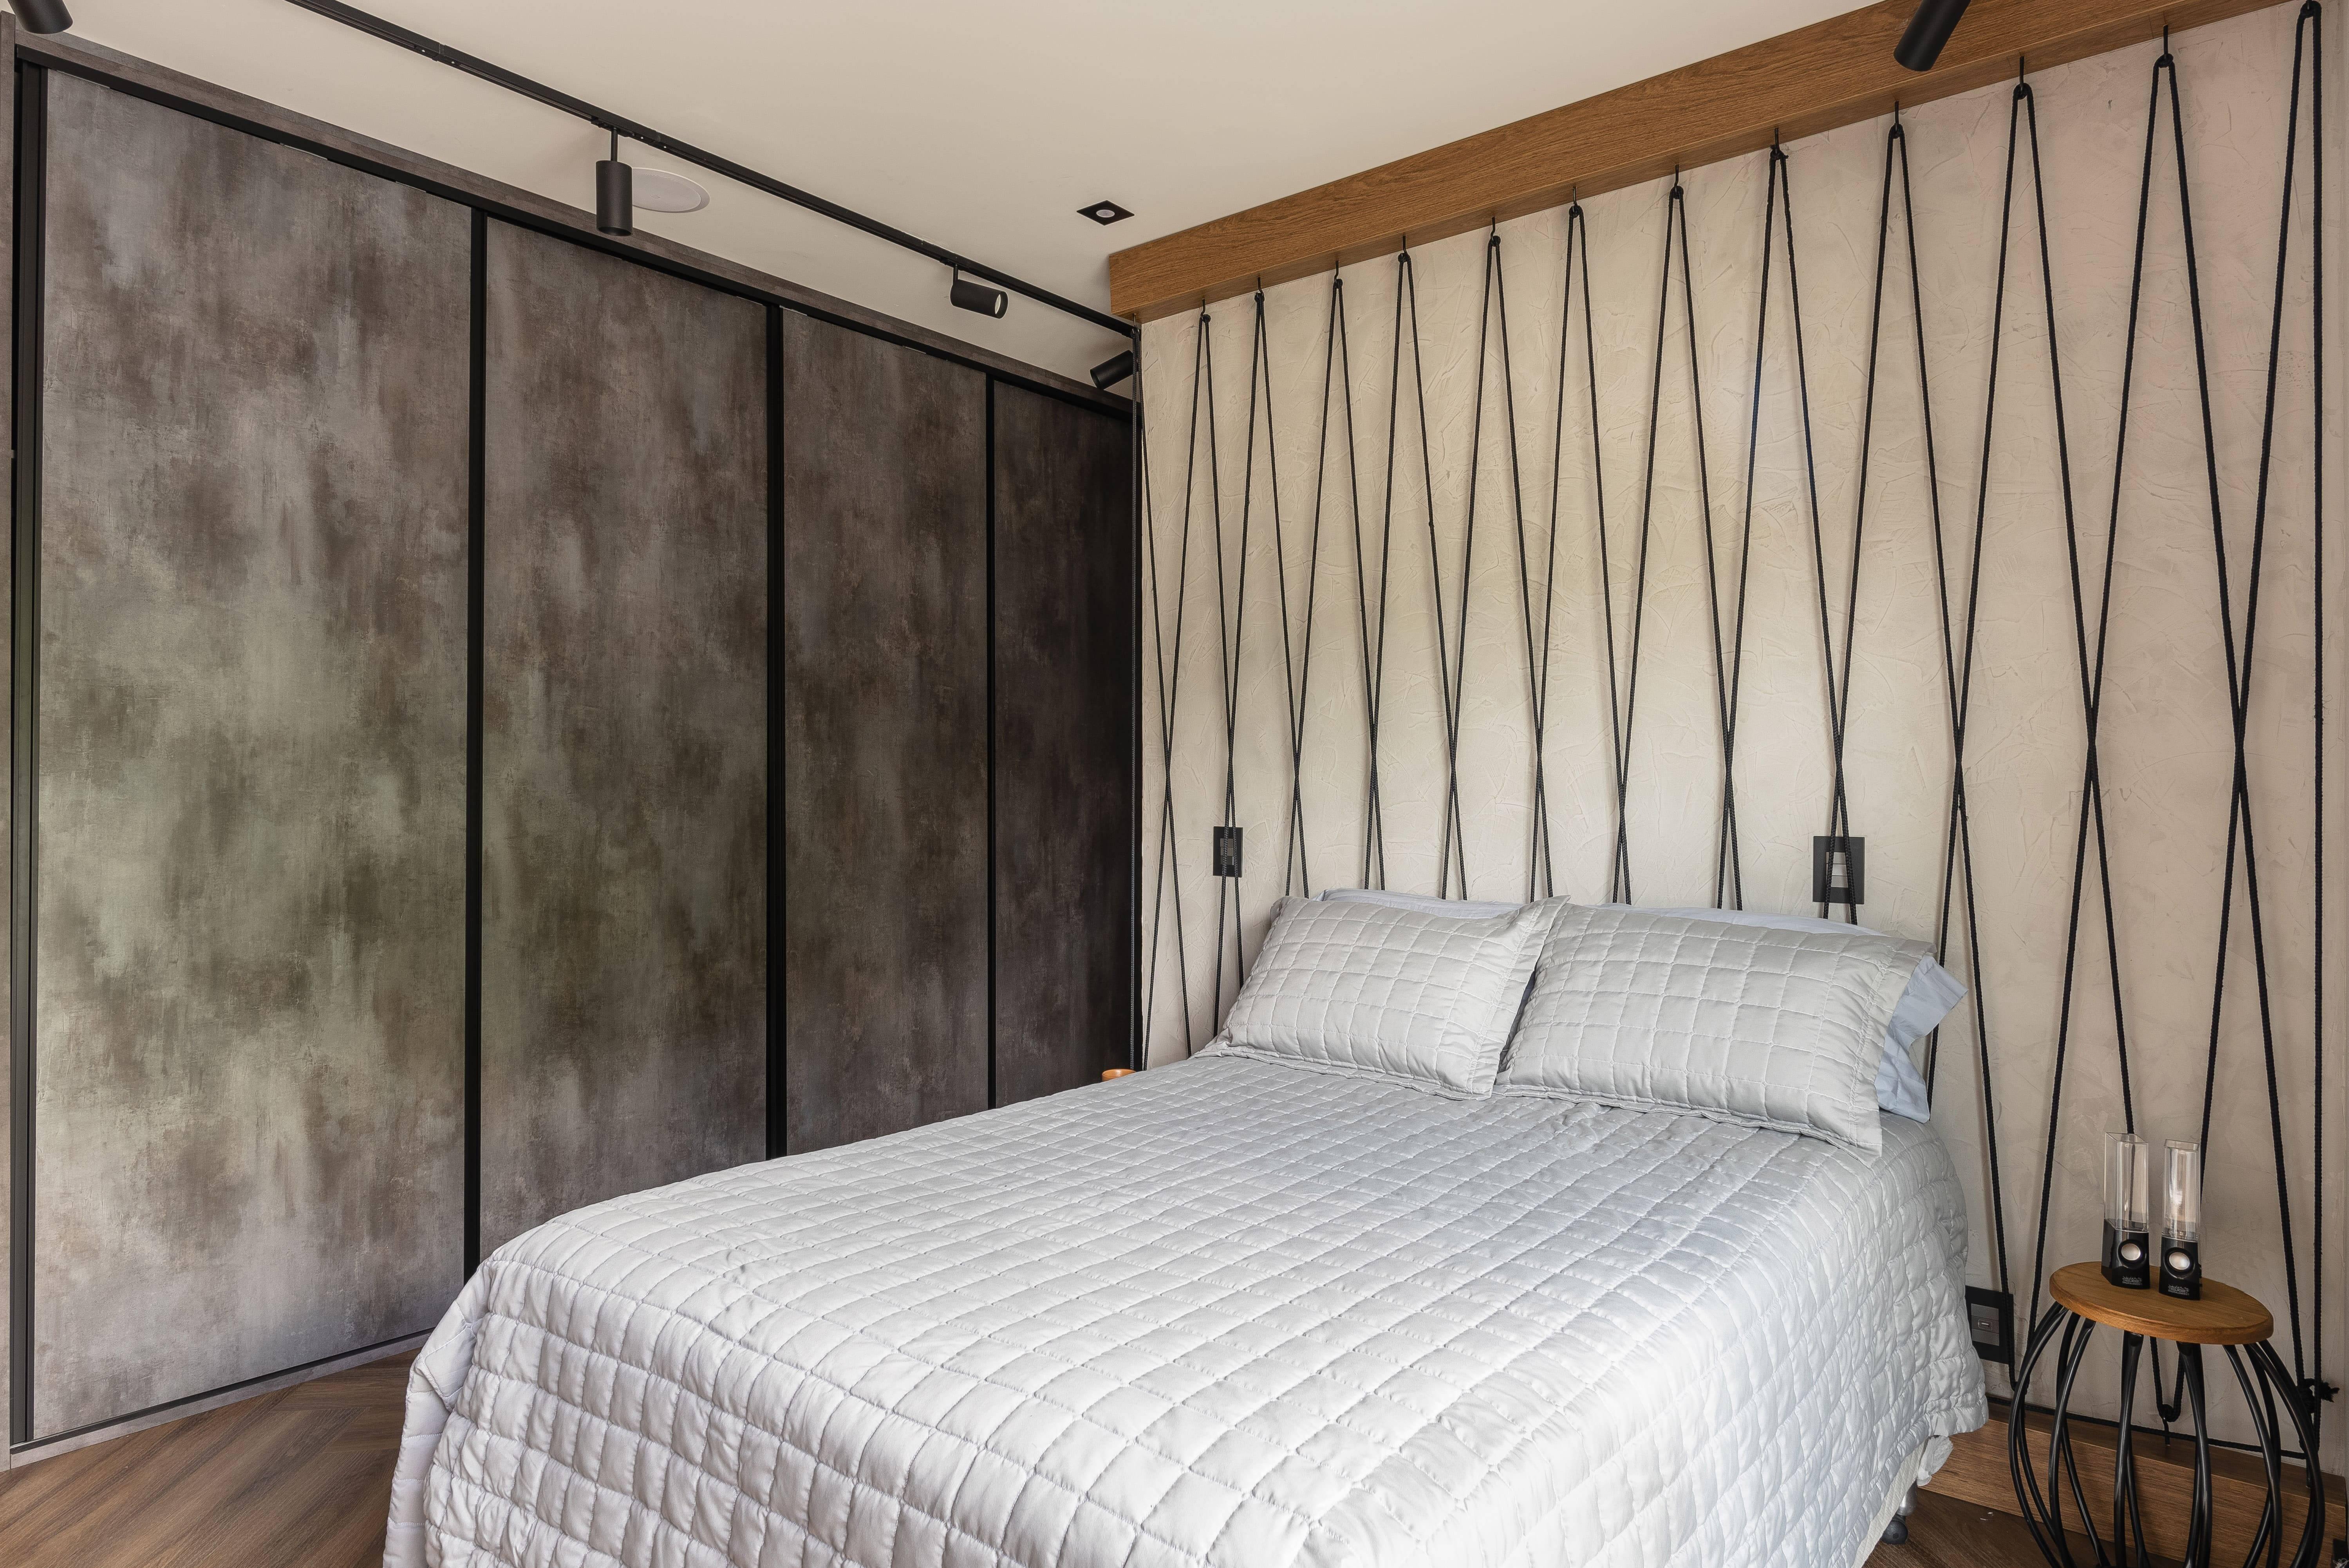 O painel ripado substitui a cabeceira da cama e se alinha ao estilo de decoração do quarto. Foto: Henrique Ribeiro